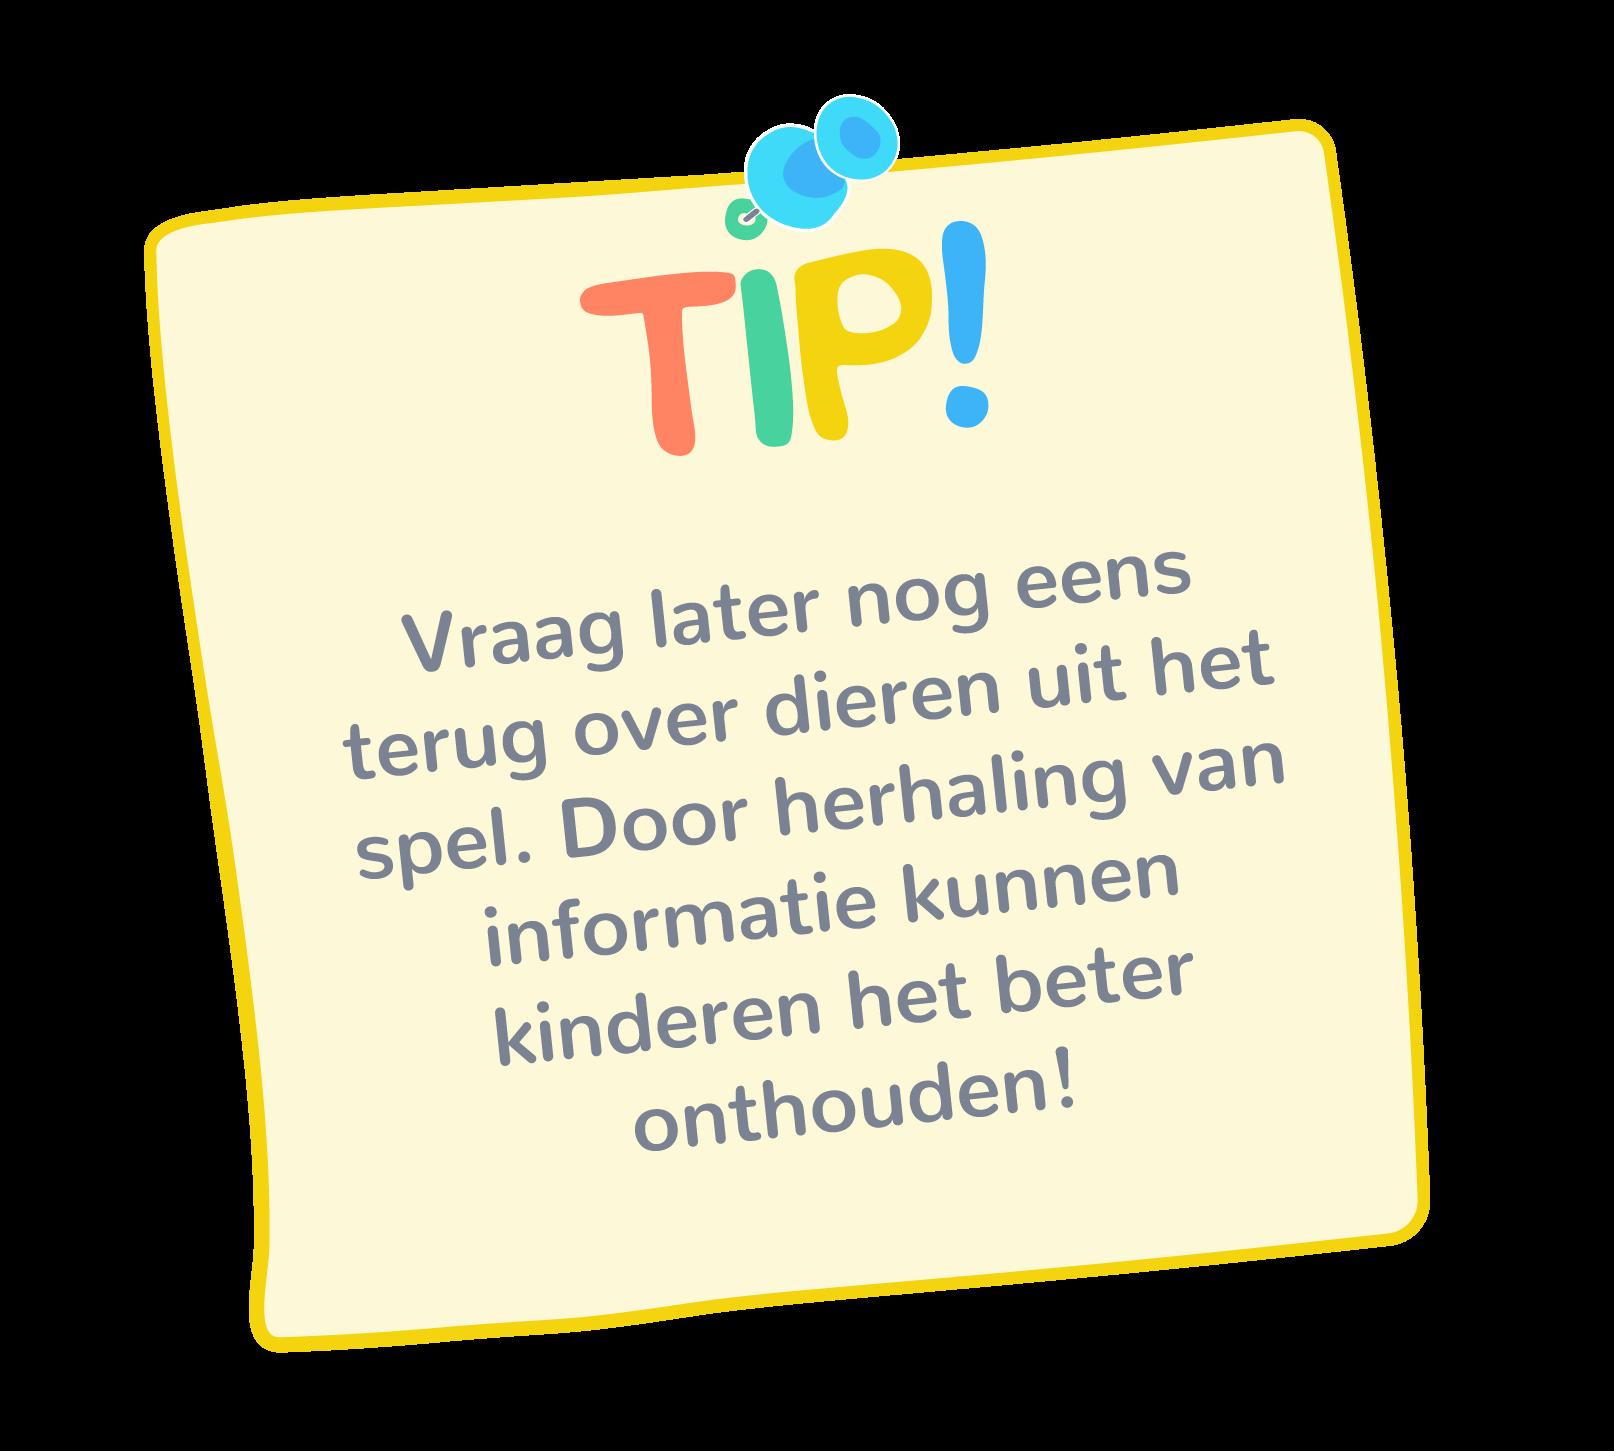 Door herhaling van informatie kunnen kinderen het beter onthouden